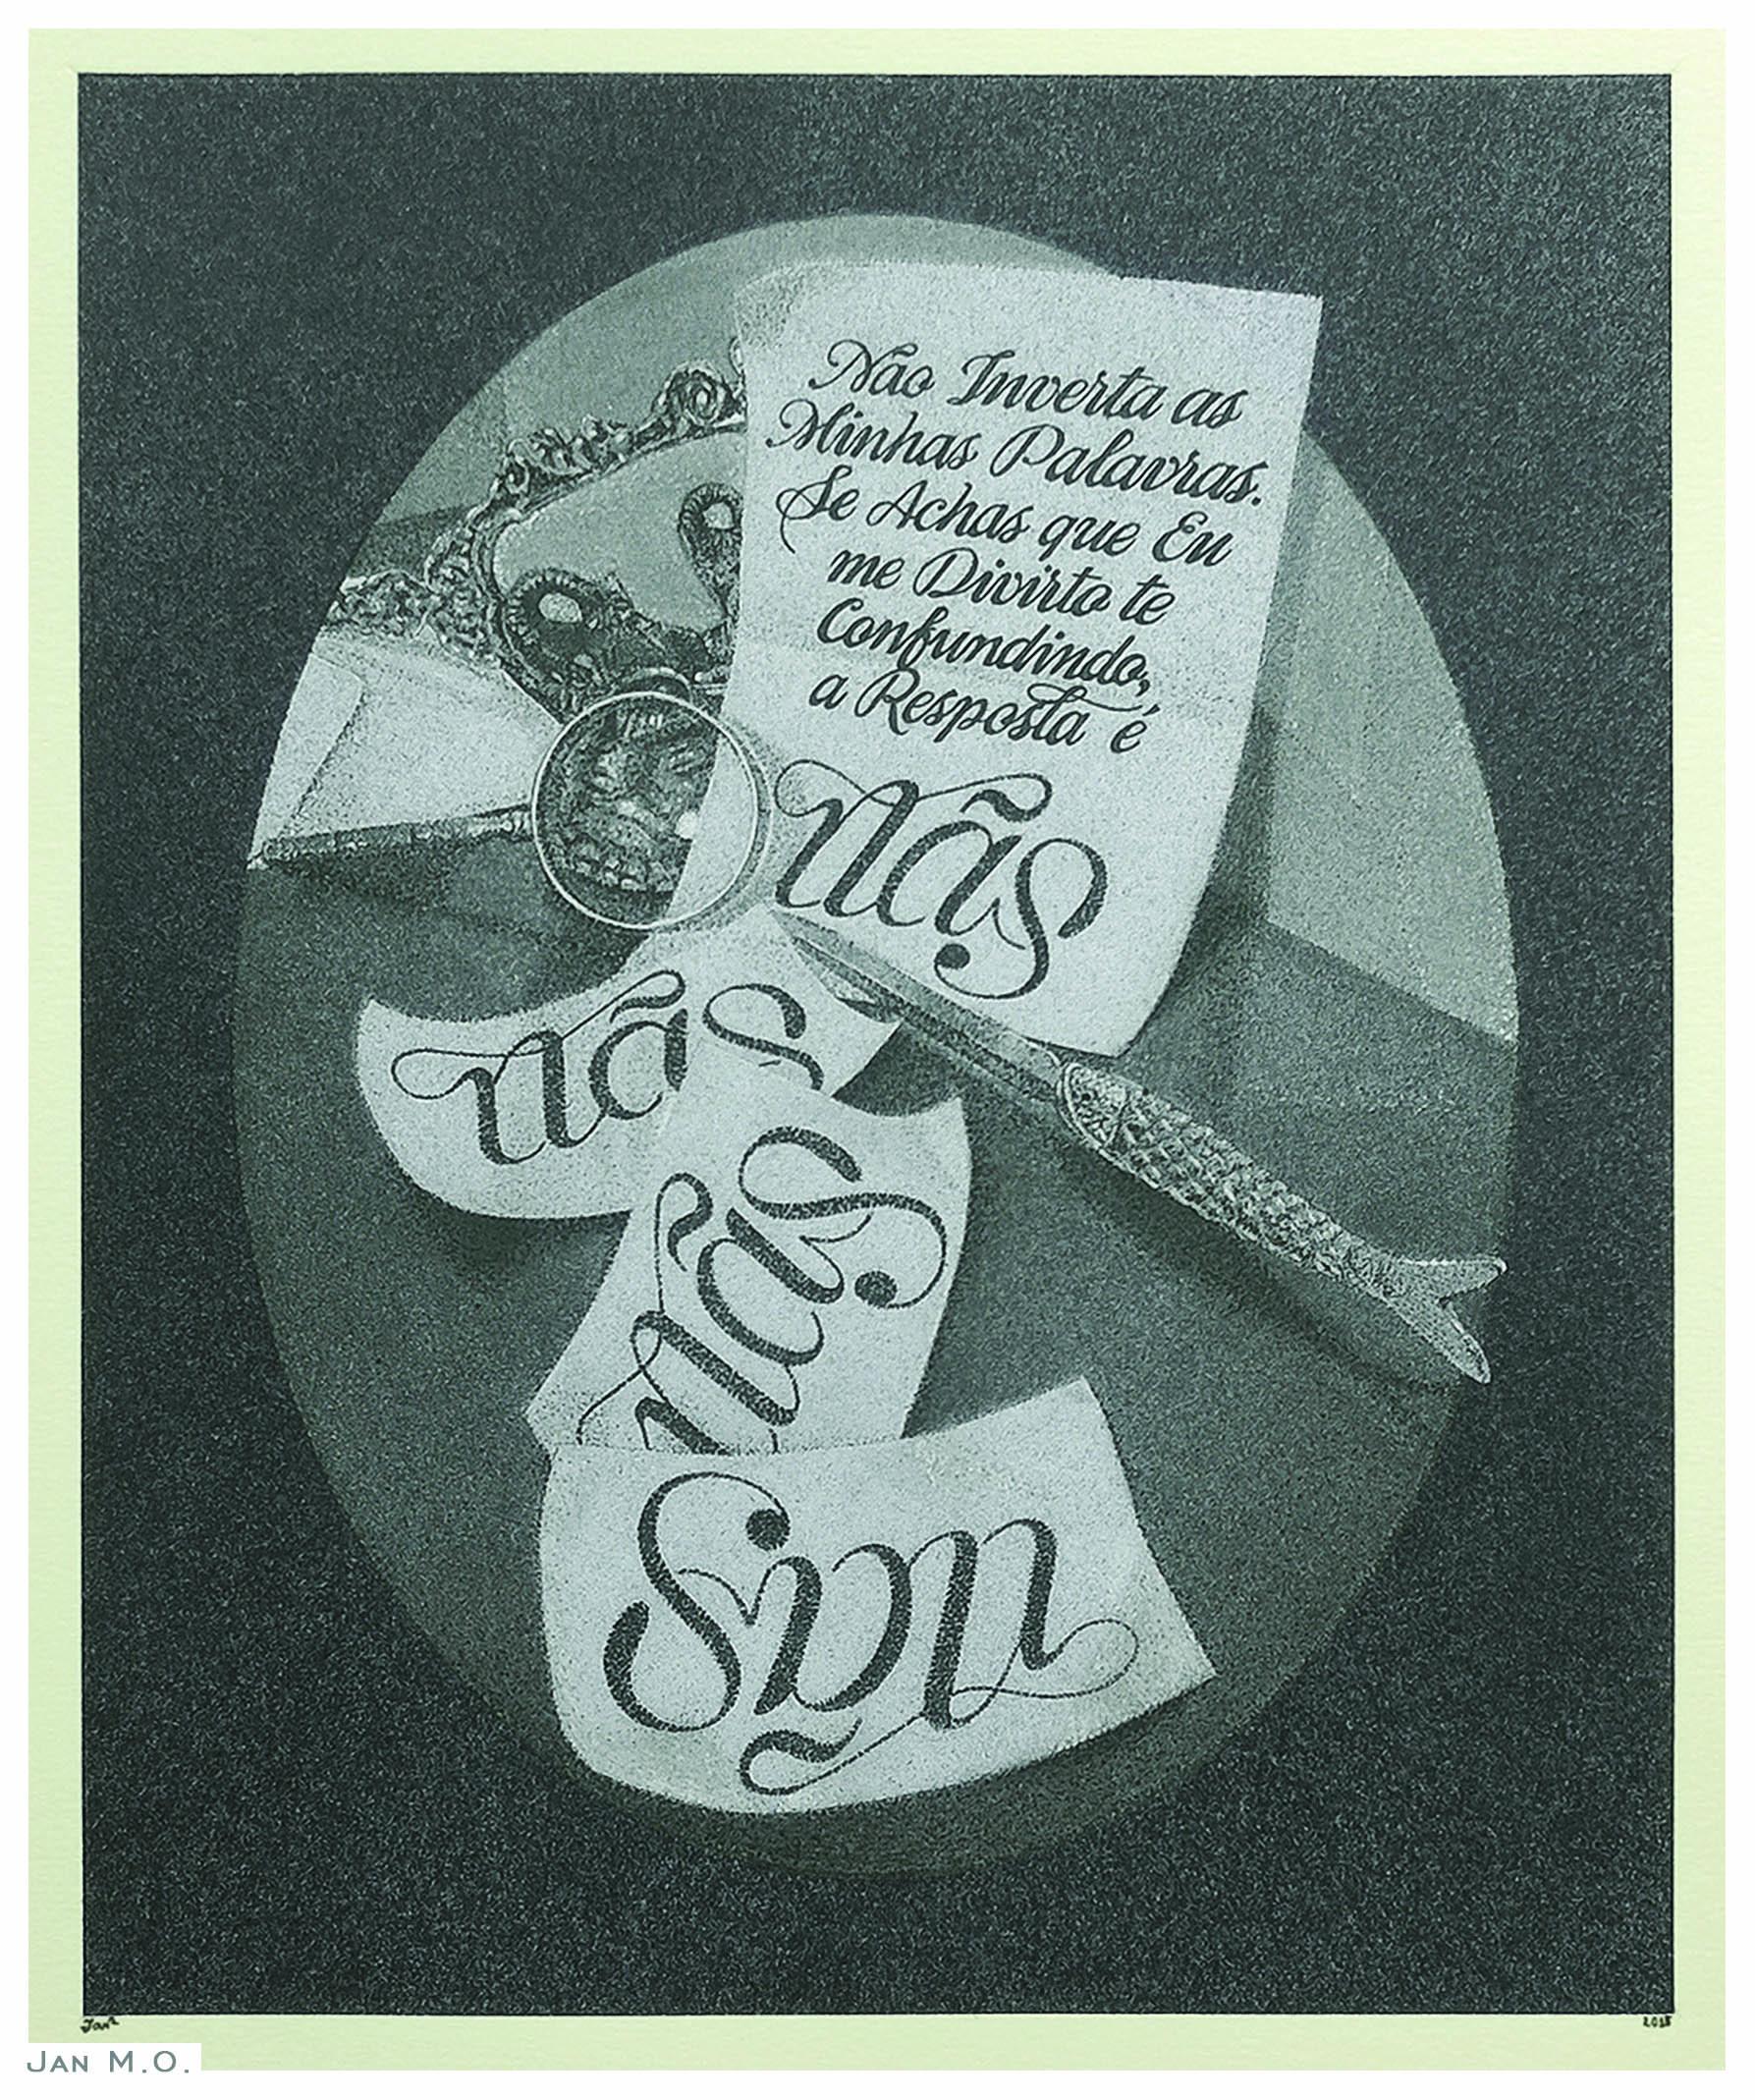 Obra-de-Jan-Carta